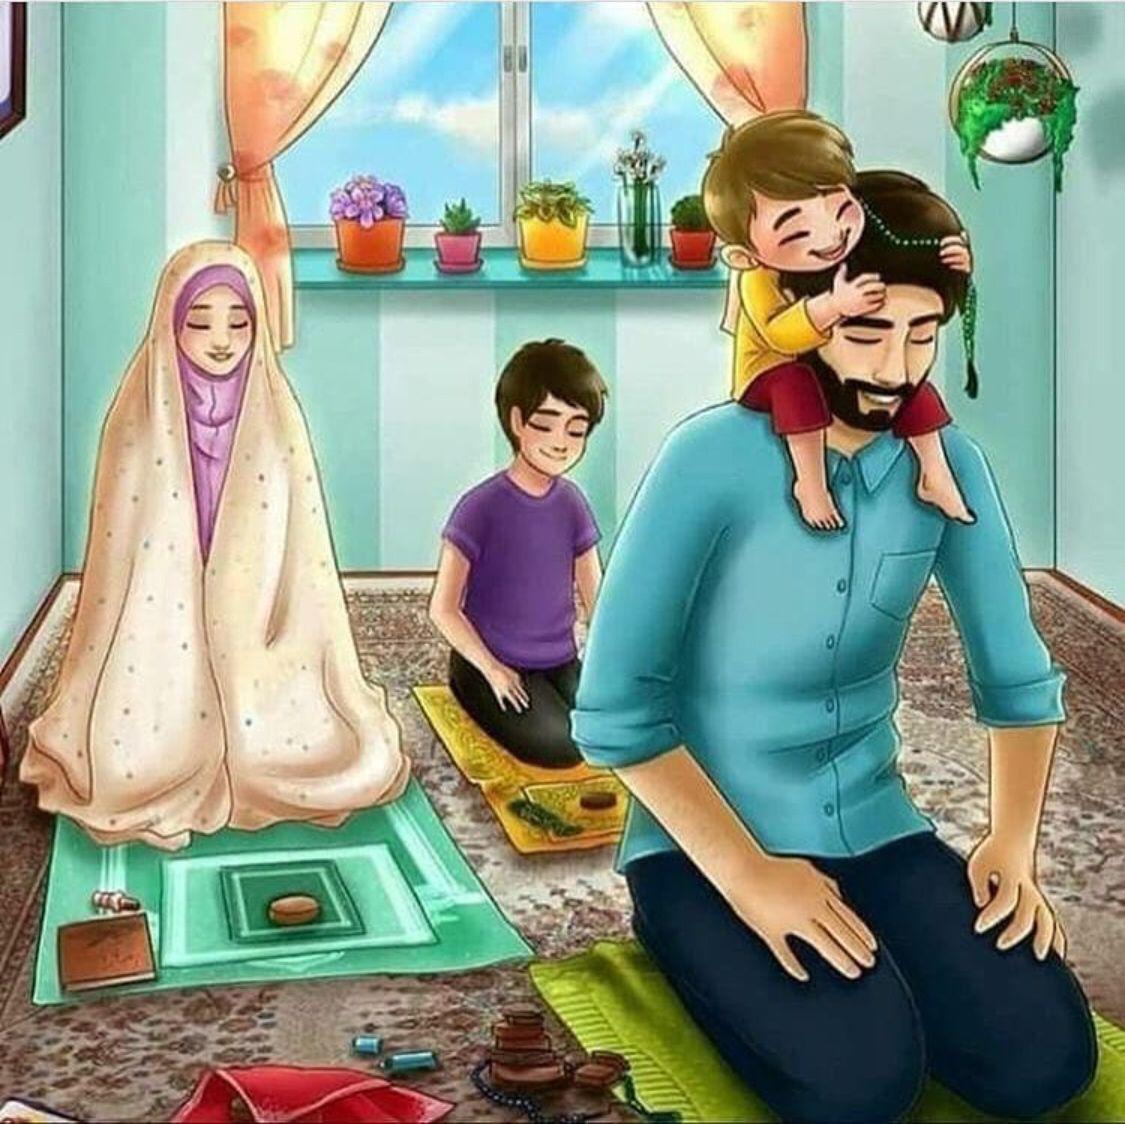 صورة و كلمة adlı kullanıcının Hijab Graphic panosundaki